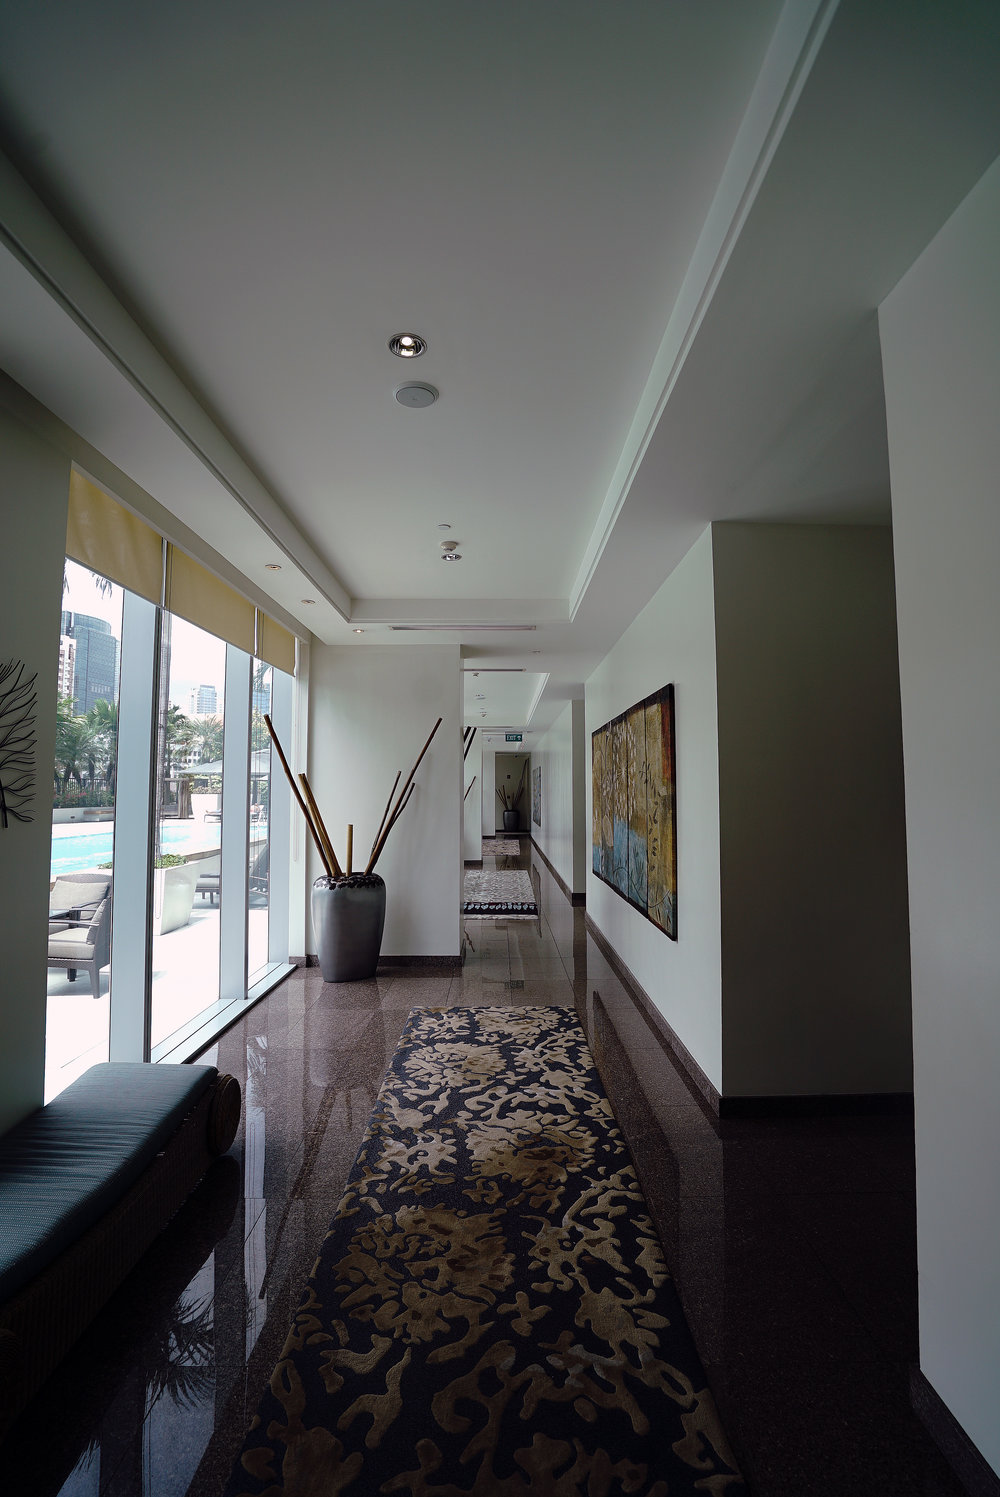 Fairmont Makati Spa Hallway Edited.jpg